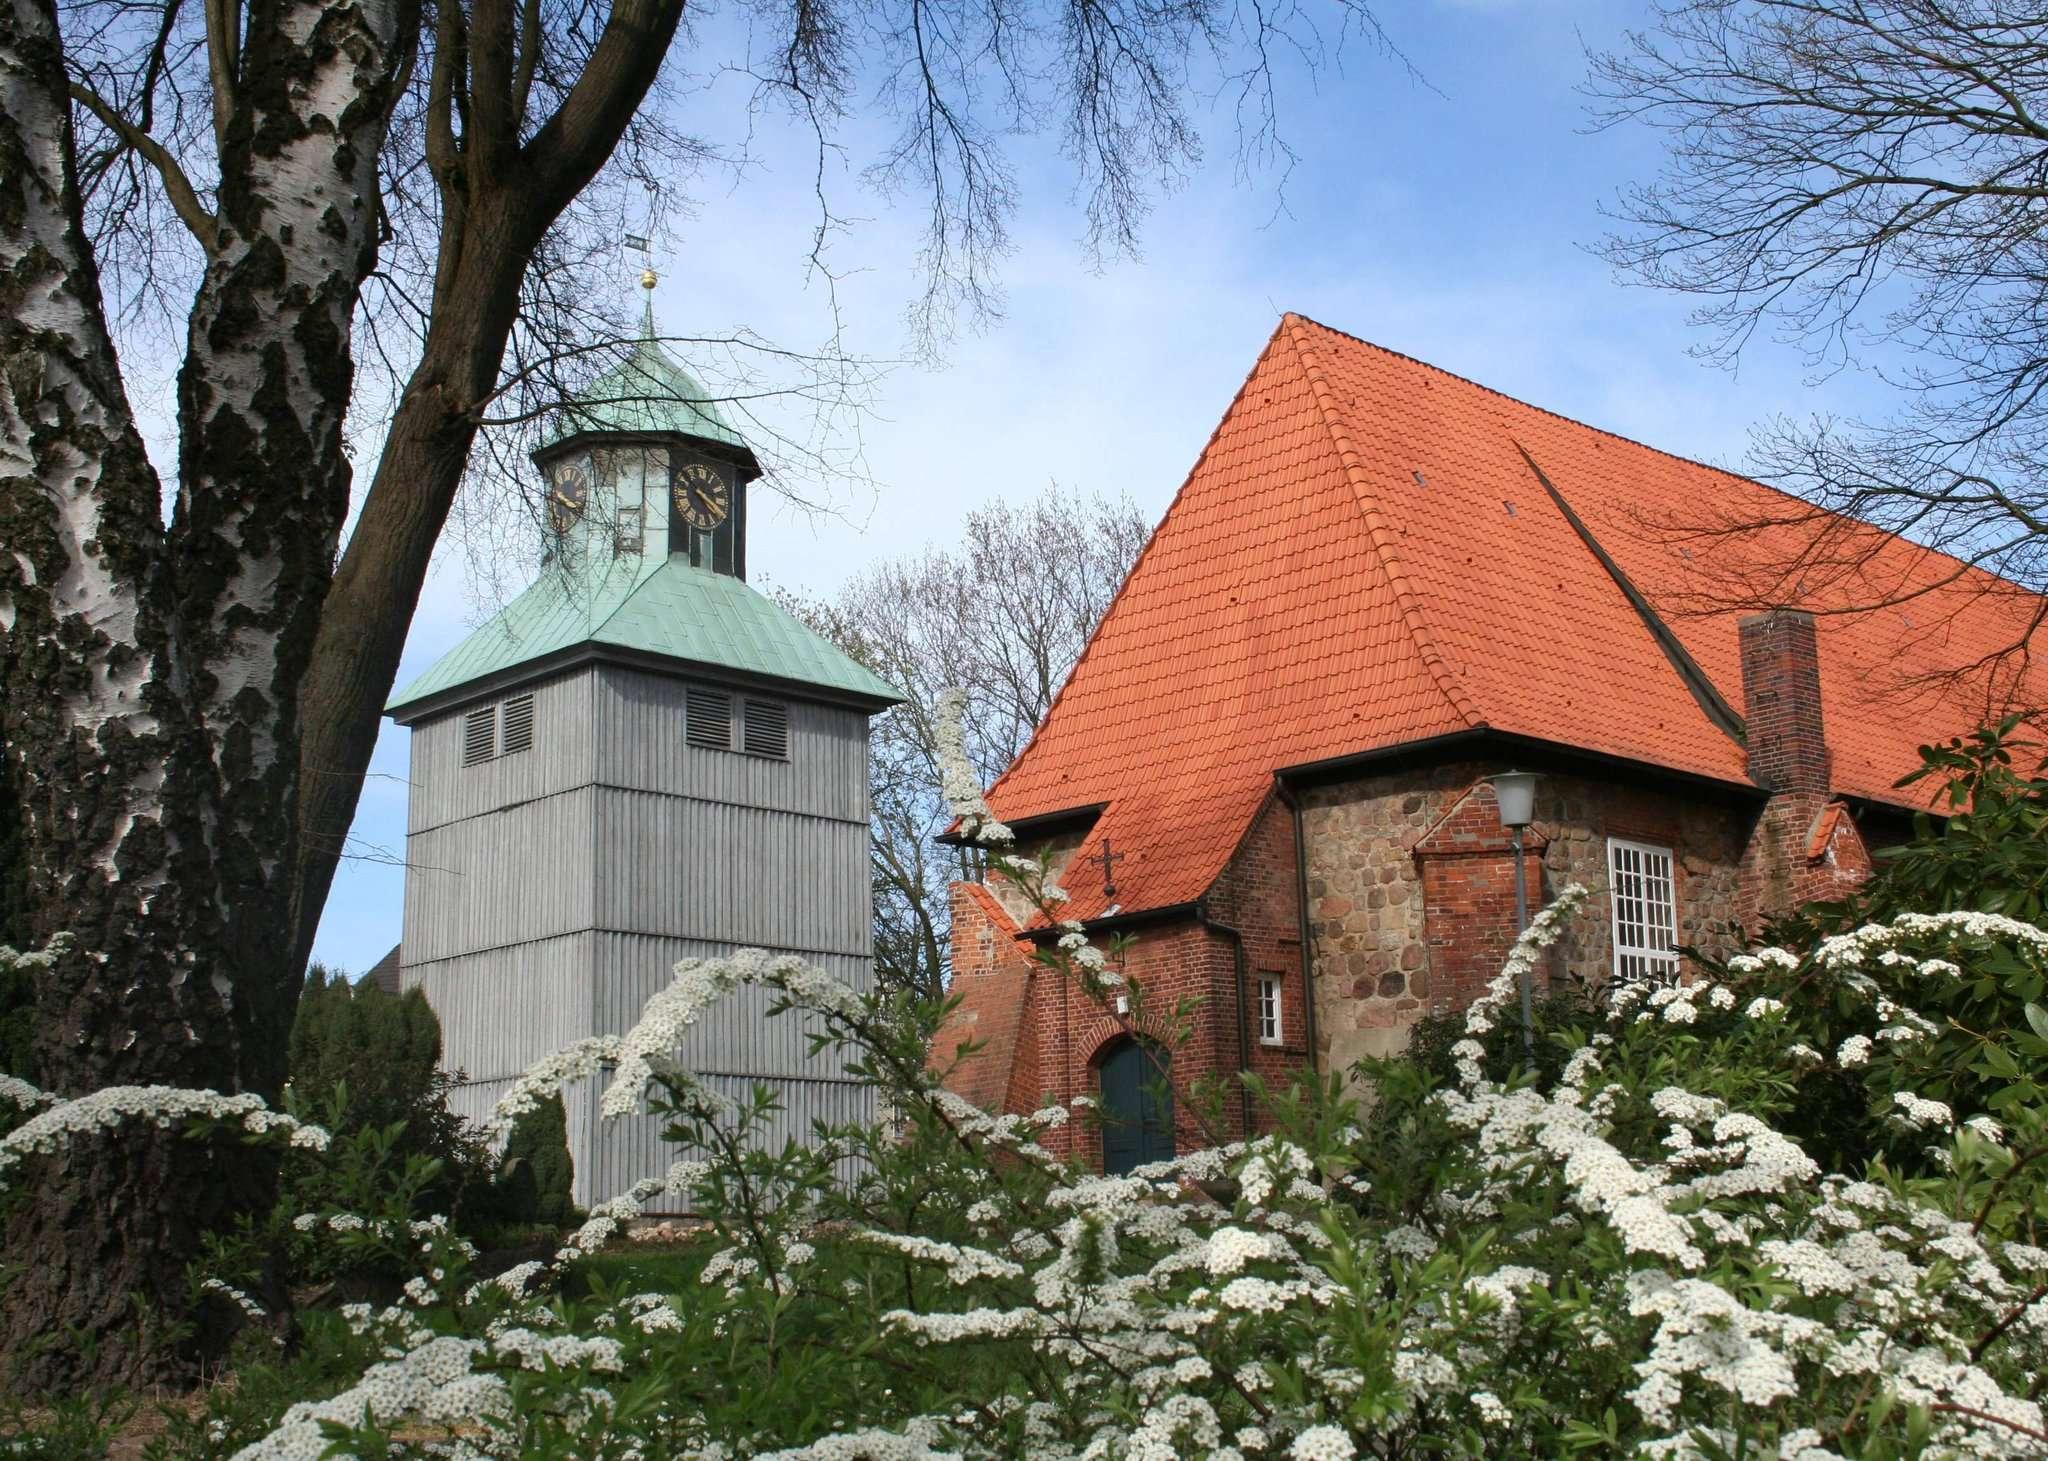 Bis zum 19. April fallen sämtliche Gottesdienste in den Kirchen wie hier in Visselhövede aus.